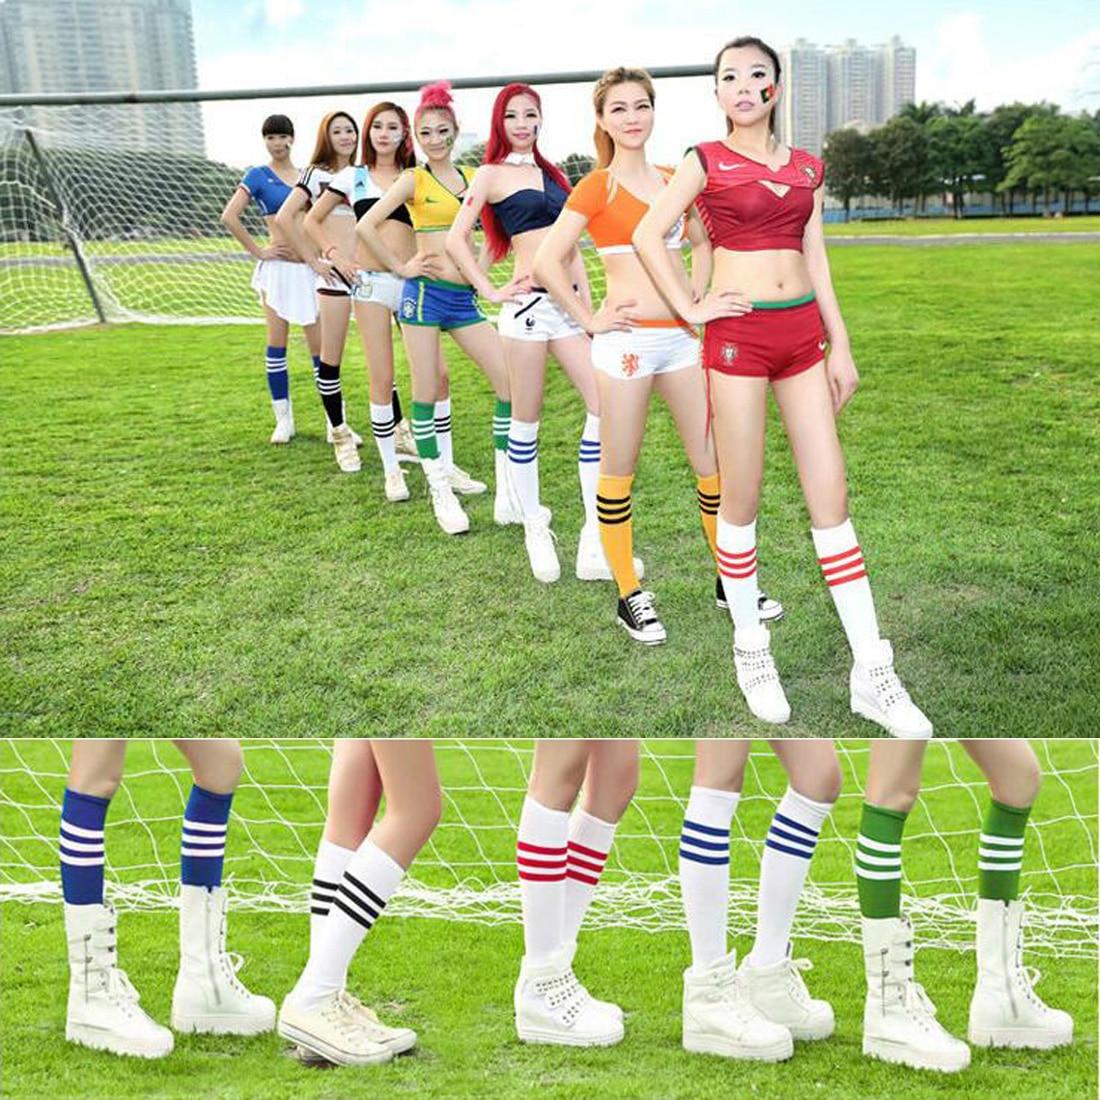 Aliexpresscom  Buy Children Sport Football Soccer Long Socks Over Knee High Sock For -1738